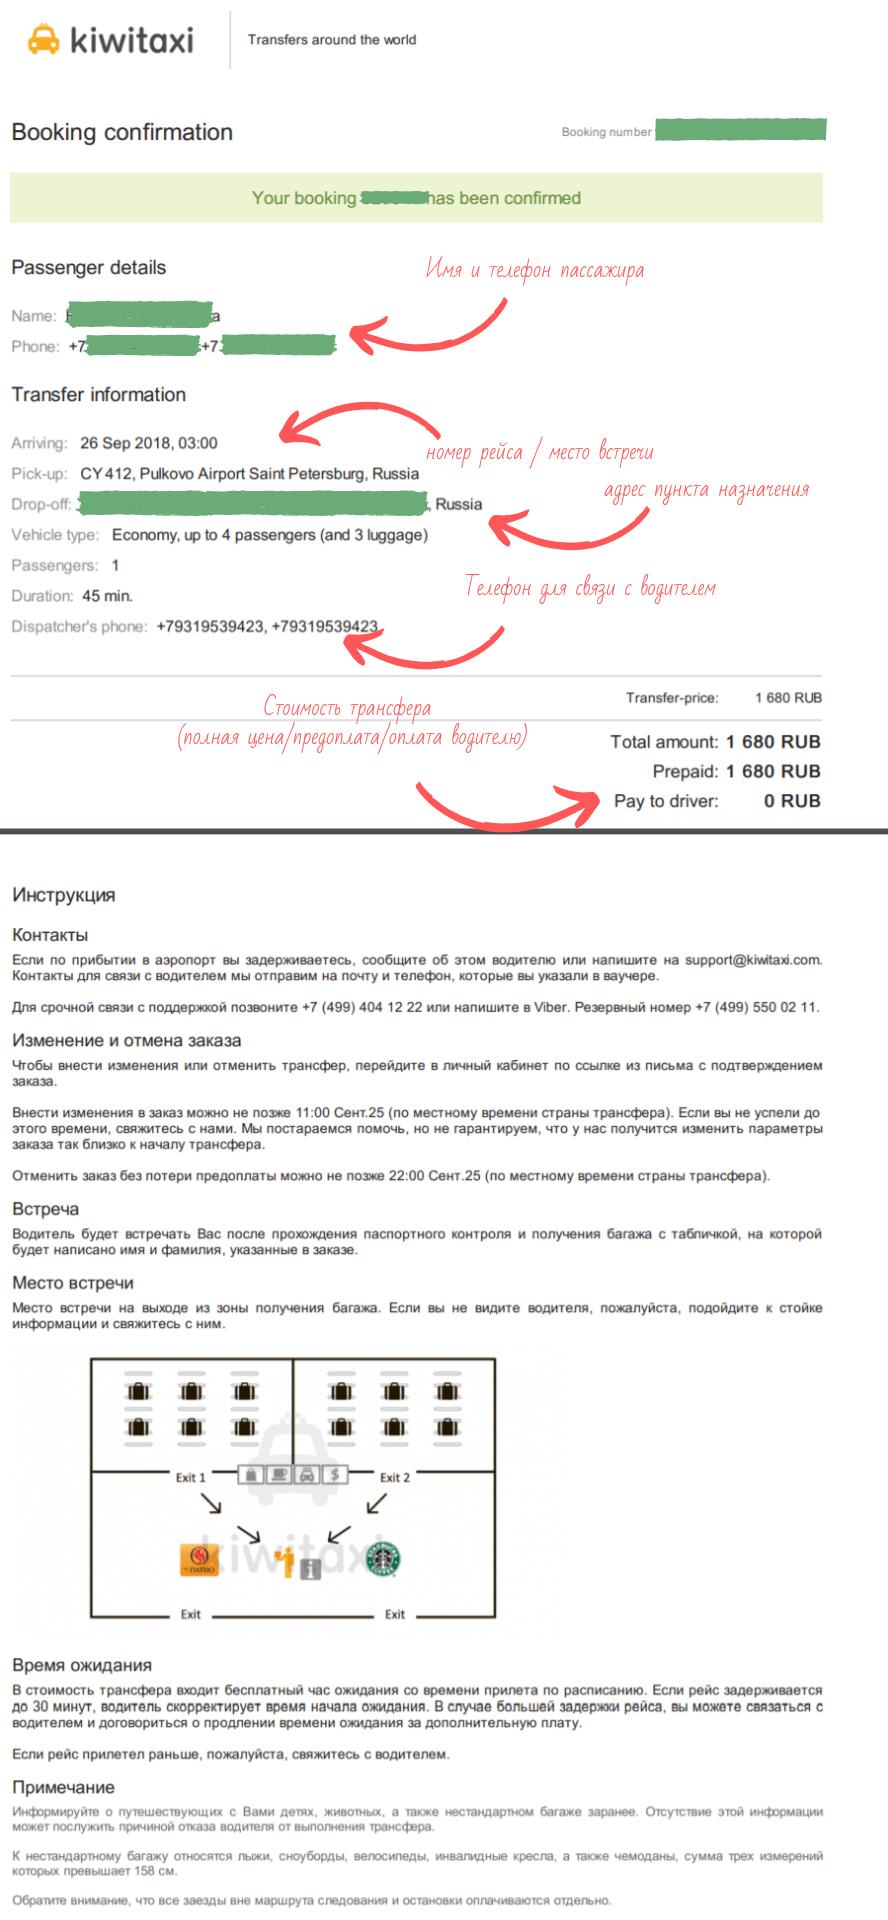 Скрин ваучера СПб(кивитакси)